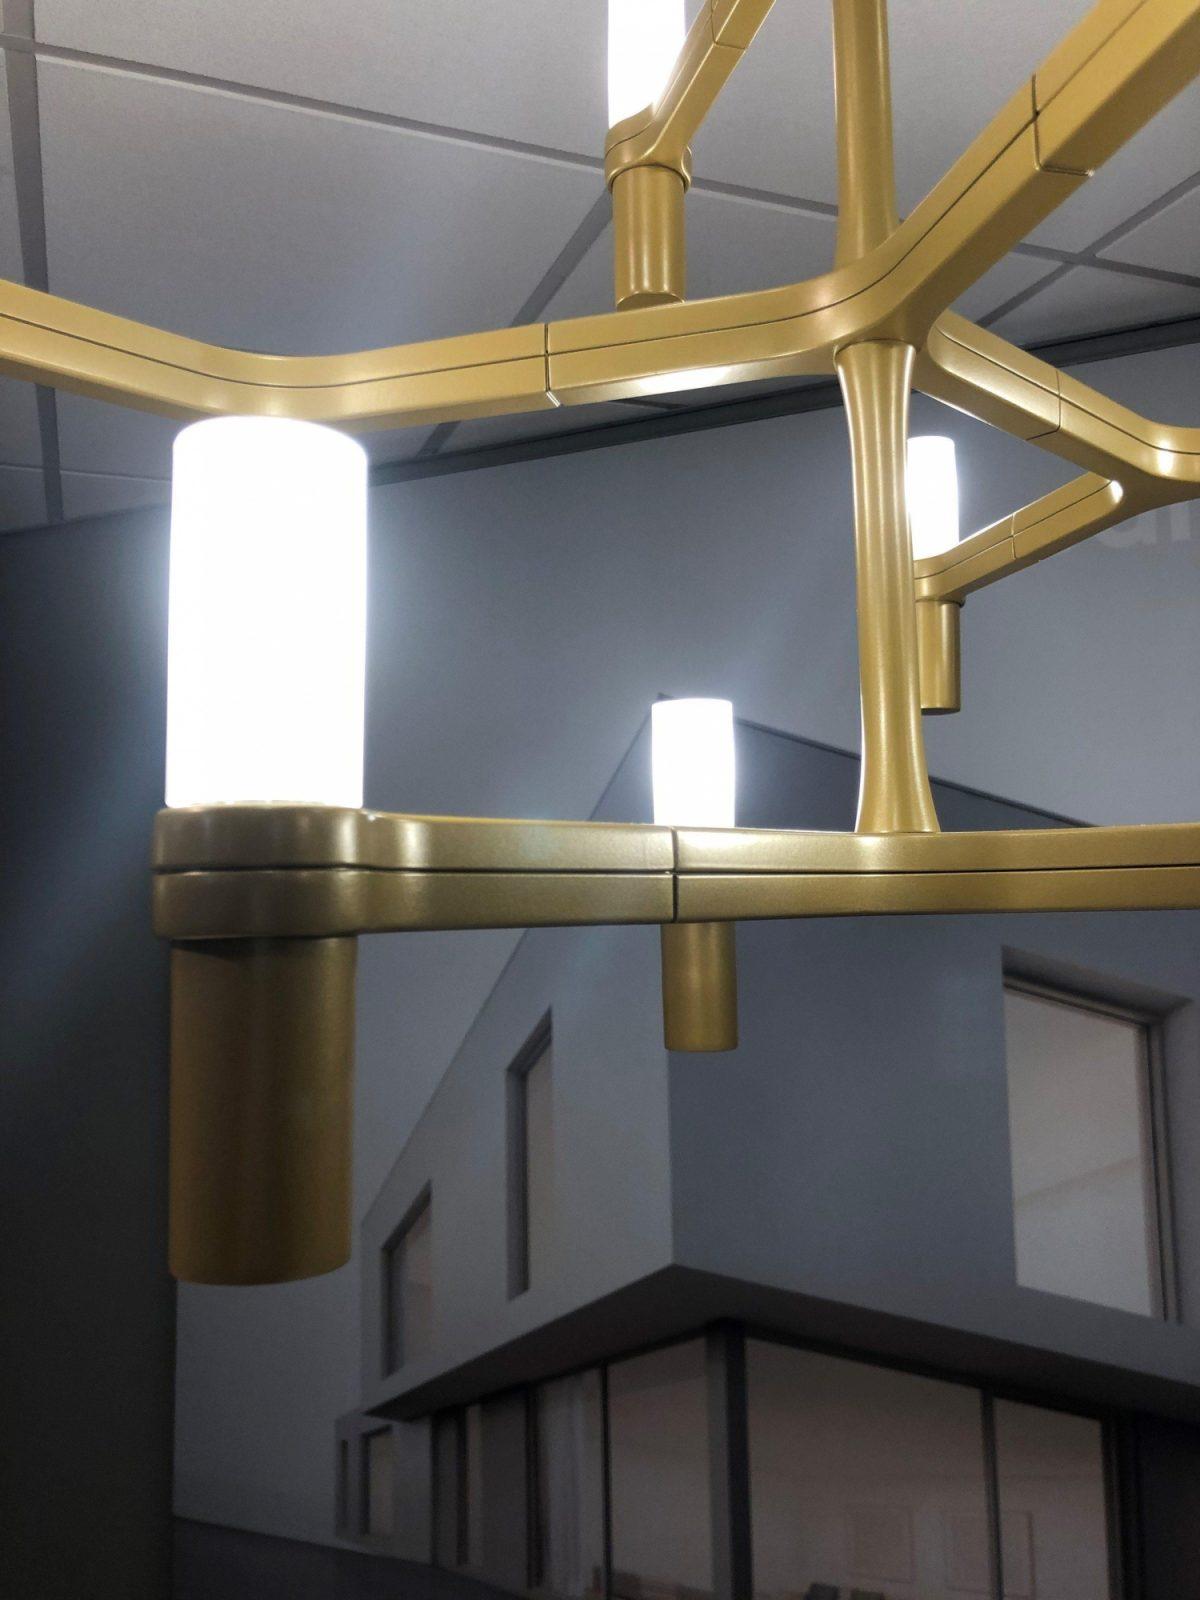 Calligaris light 2